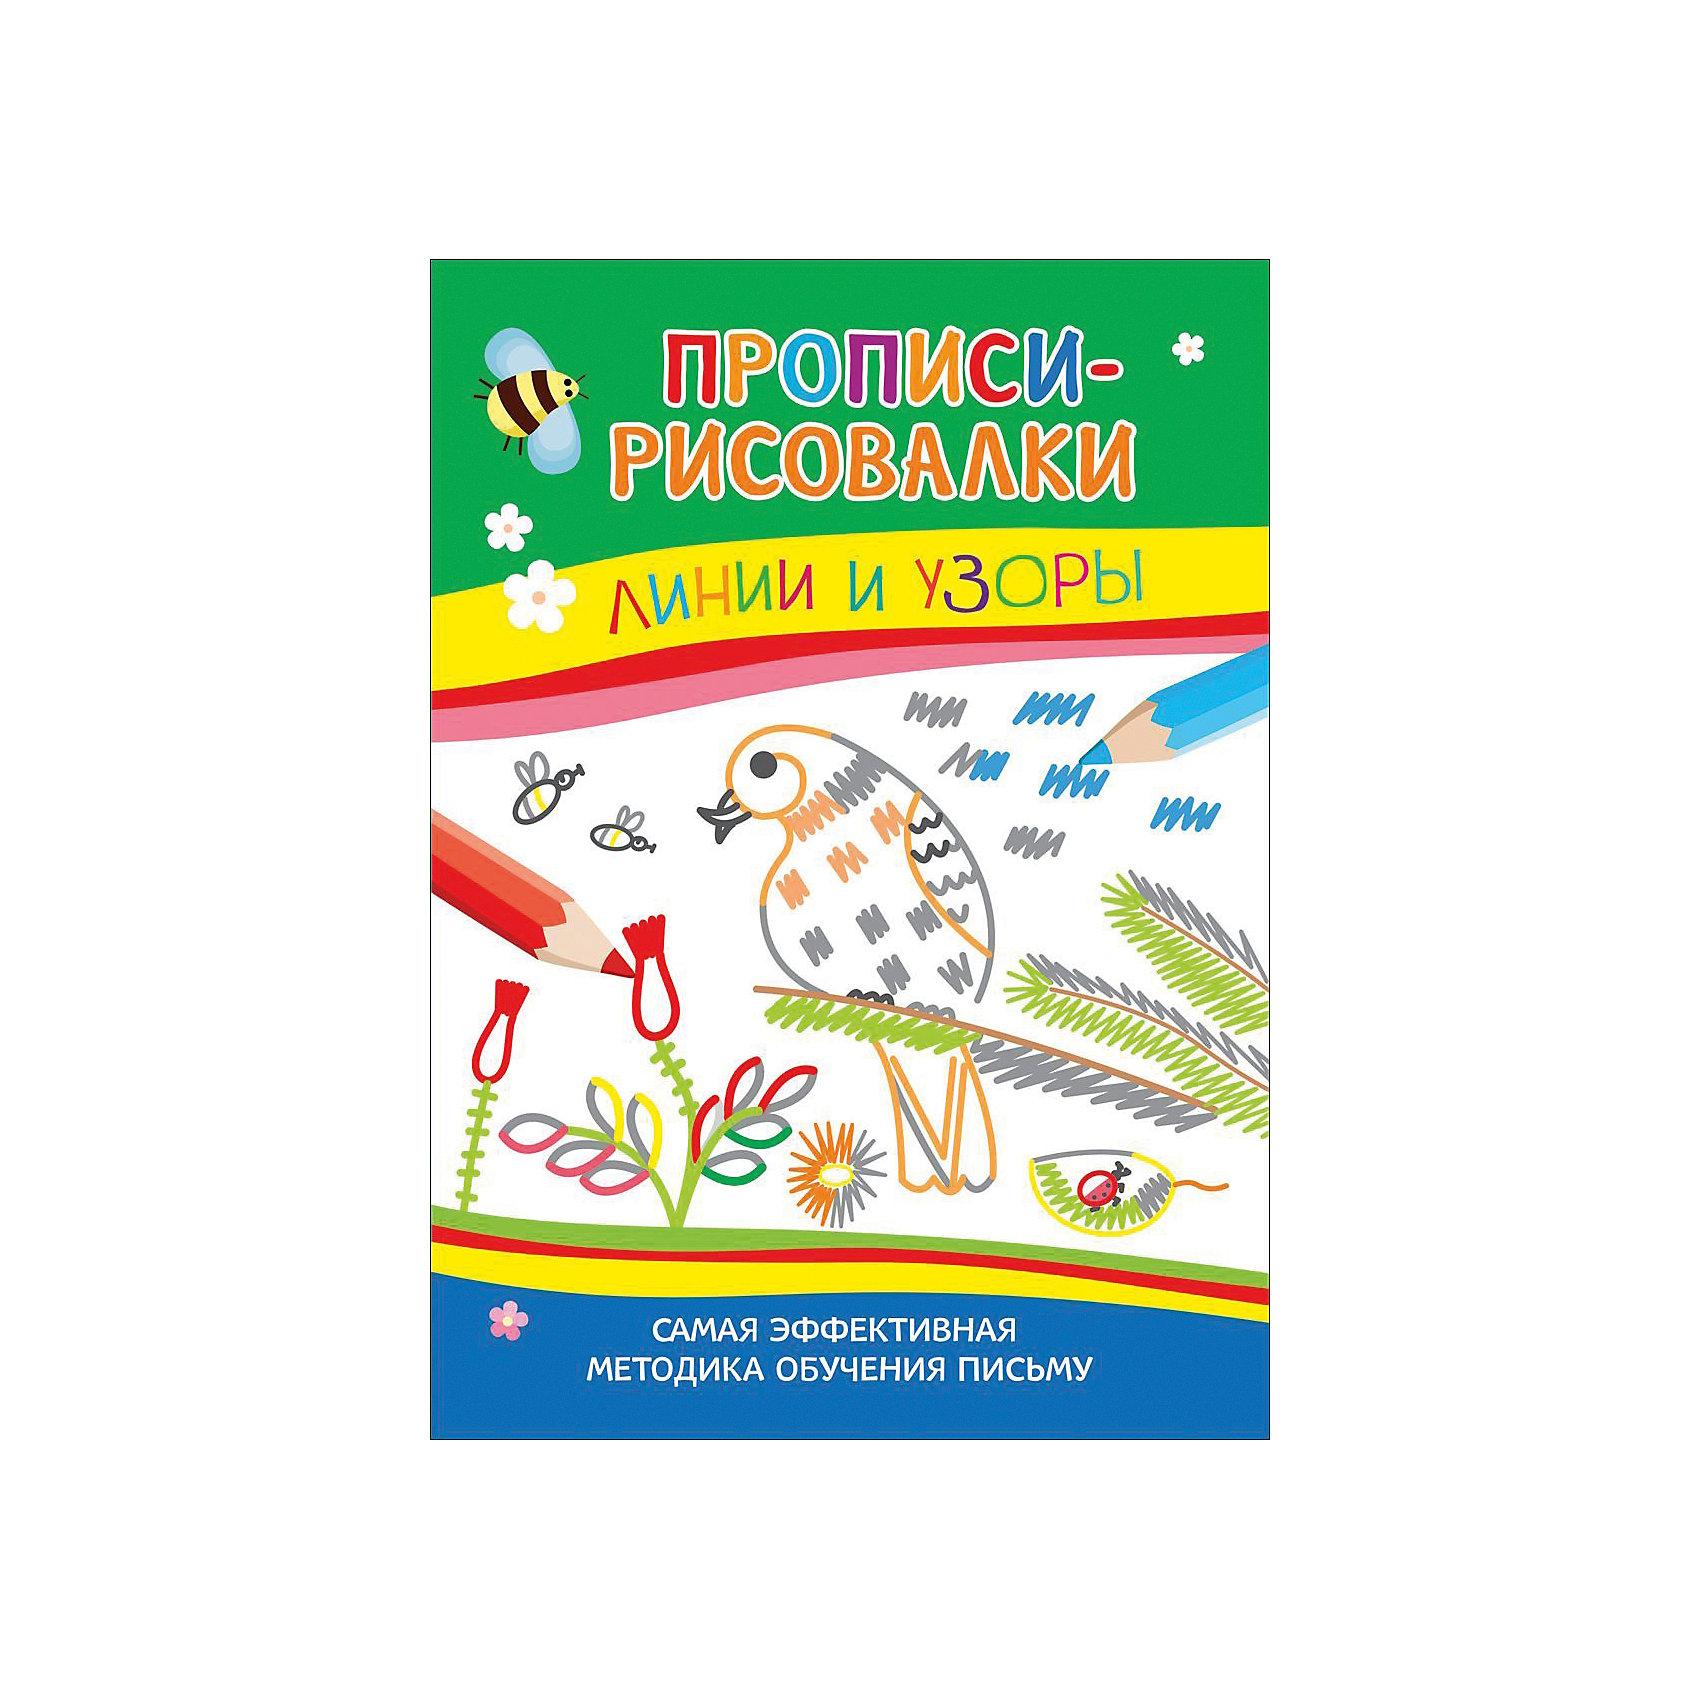 Прописи-рисовалки Тетерев, линии и узорыХарактеристики товара:<br><br>- цвет: разноцветный;<br>- материал: бумага;<br>- страниц: 16;<br>- формат: 28 х 20 см;<br>- обложка: мягкая;<br>- развивающее издание.<br><br>Это интересное развивающее издание станет отличным подарком для родителей и ребенка. Оно содержит в себе задания в игровой форме, с помощью которых учиться писать гораздо проще. Всё представлено в очень простой форме! Это издание поможет привить любовь к учебе!<br>Такое обучение помогает ребенку развивать зрительную память, концентрацию внимания и воображение. Издание произведено из качественных материалов, которые безопасны даже для самых маленьких.<br><br>Издание Прописи-рисовалки Тетерев, линии и узоры от компании Росмэн можно купить в нашем интернет-магазине.<br><br>Ширина мм: 280<br>Глубина мм: 195<br>Высота мм: 3<br>Вес г: 80<br>Возраст от месяцев: 0<br>Возраст до месяцев: 36<br>Пол: Унисекс<br>Возраст: Детский<br>SKU: 5110020